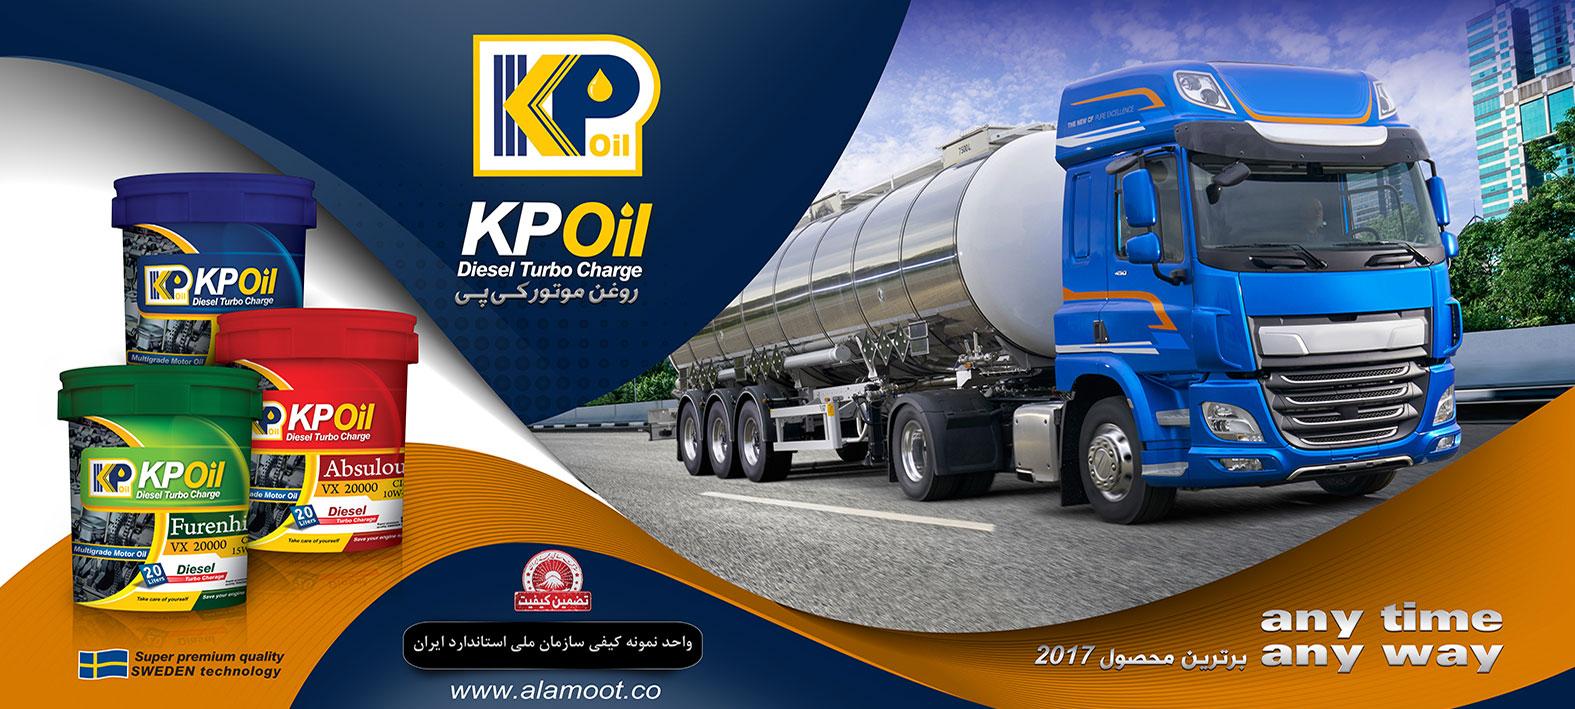 روغن موتور KPOil